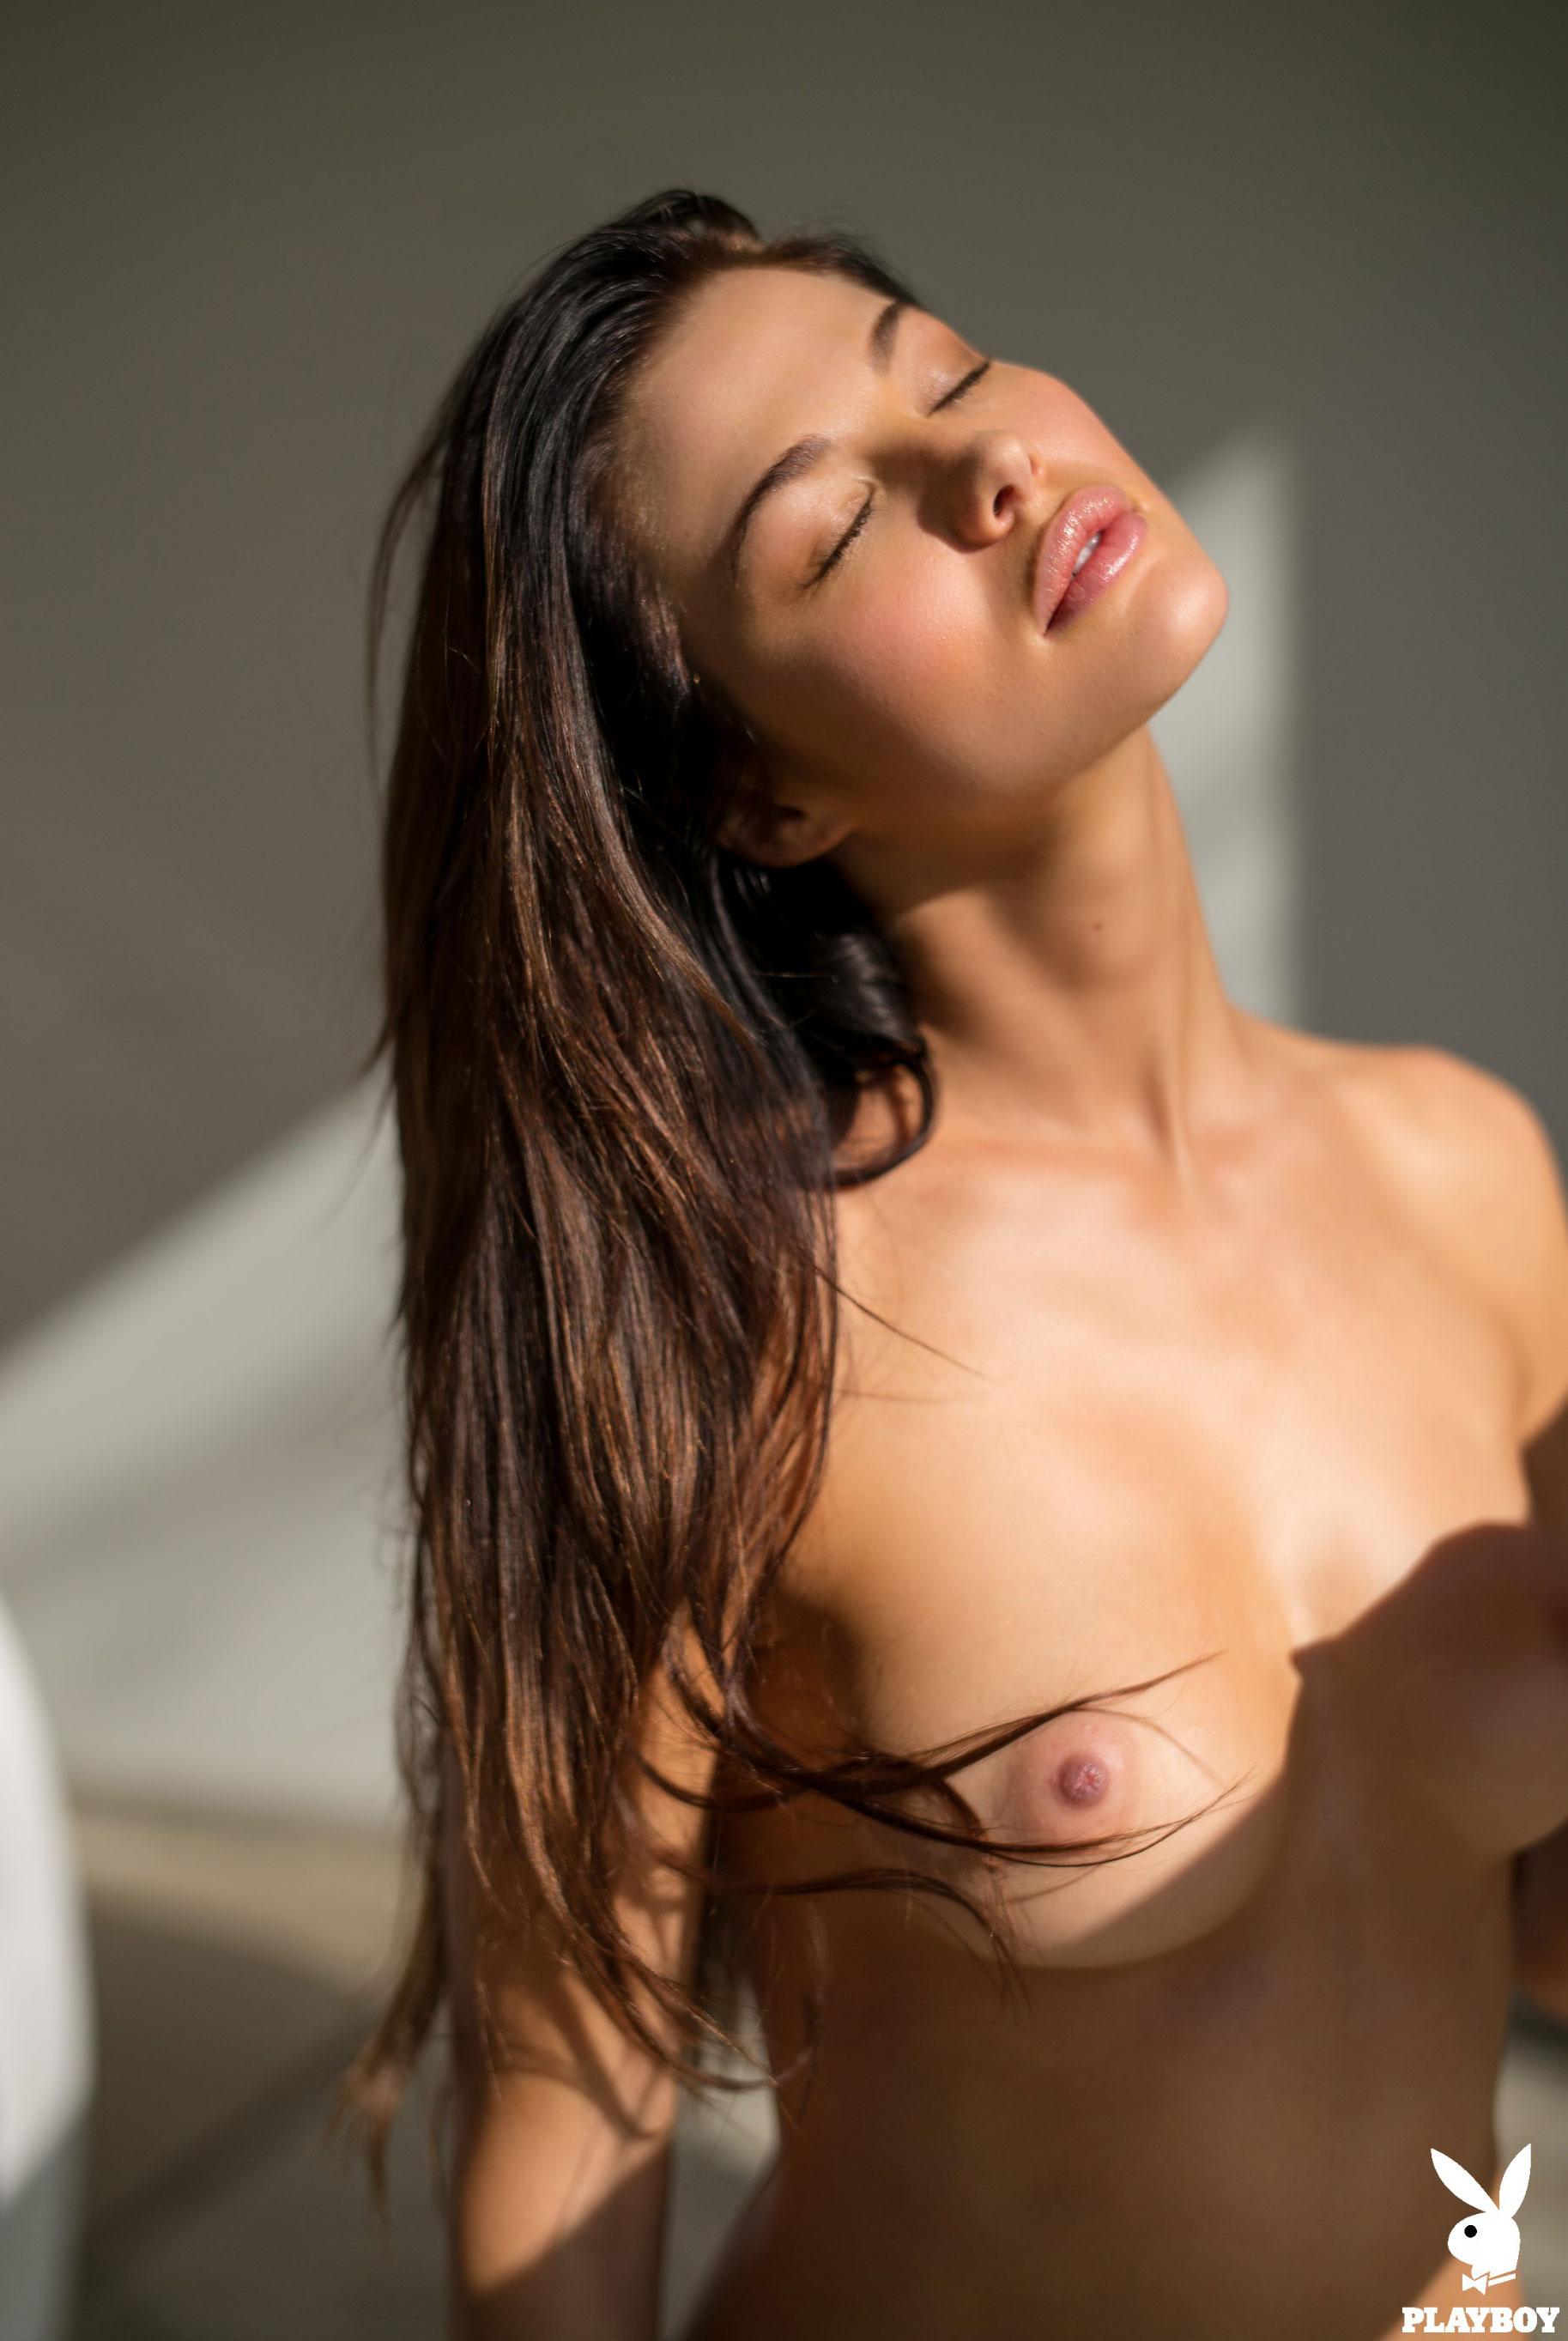 Девушка месяца Jenny Watwood / Playboy США, март 2018 / фото 04